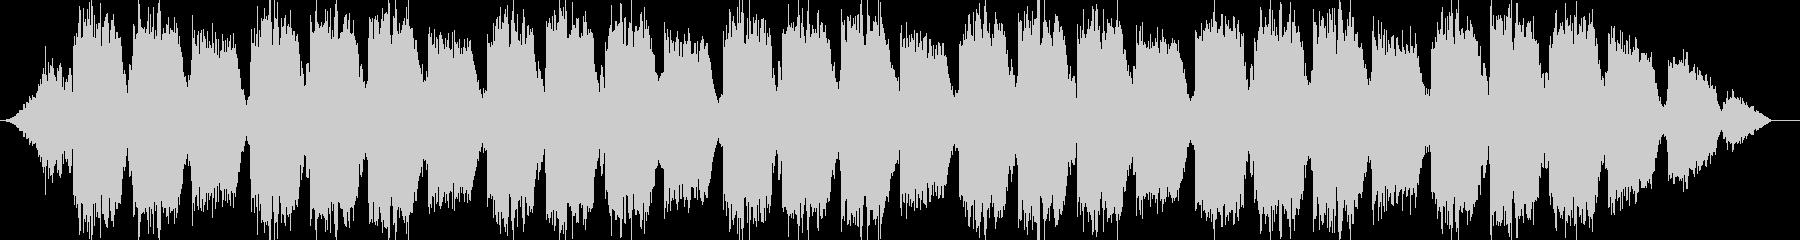 化学プラントサイレン タイプCの未再生の波形